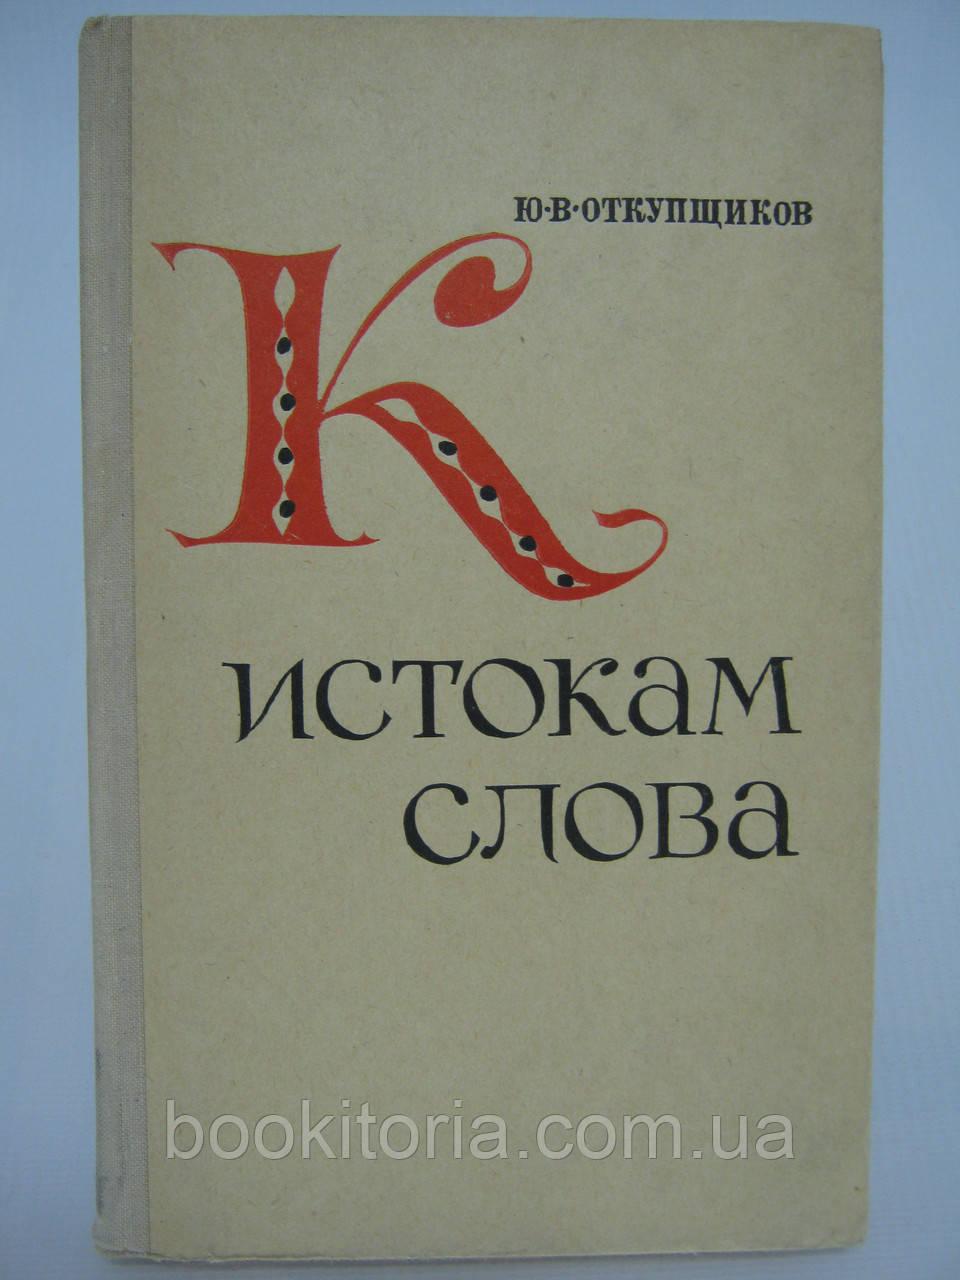 Откупщиков Ю.В. К истокам слова. Рассказы о науке этимологии (б/у).